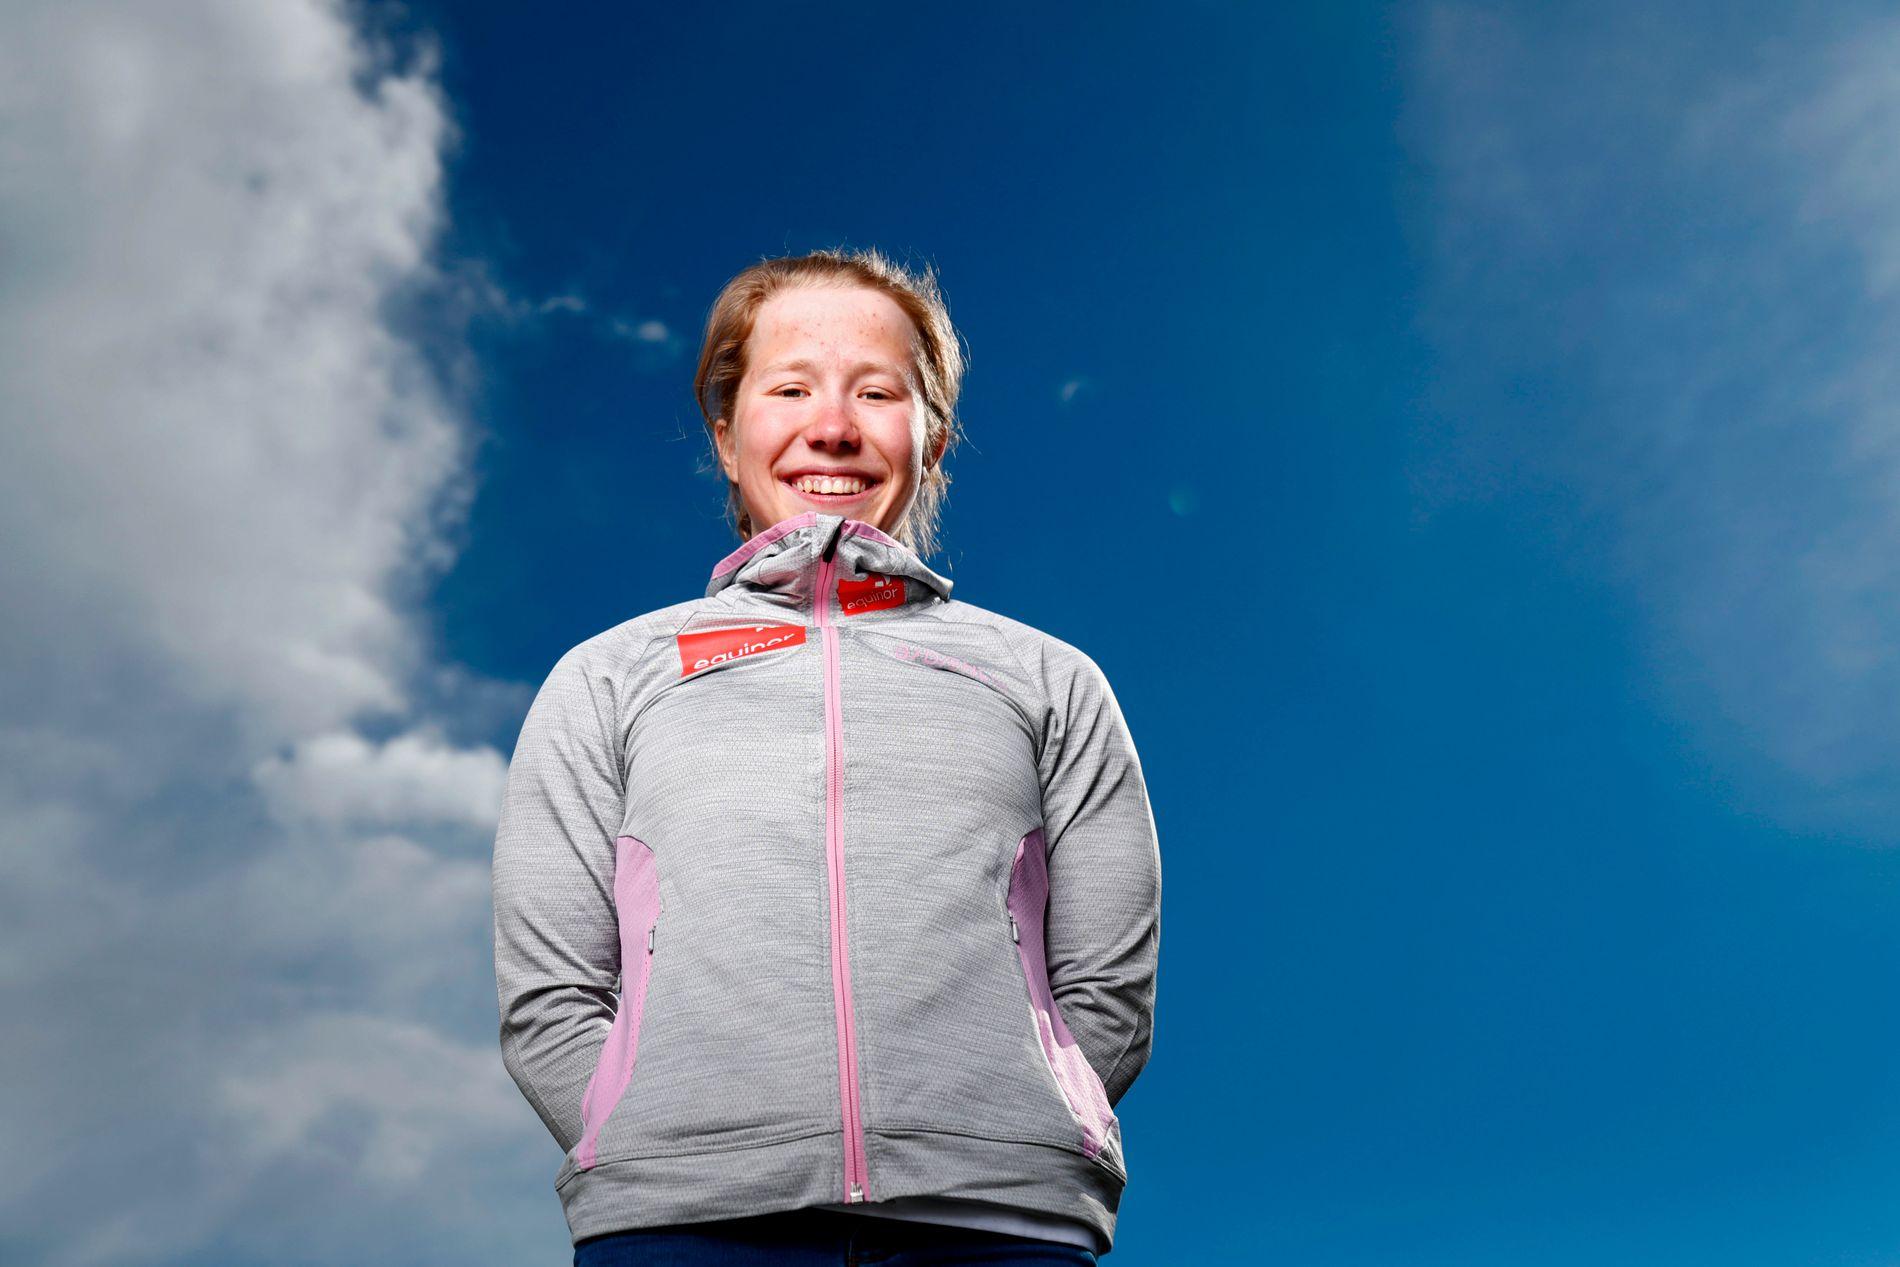 Helene Marie Fossesholm er et stort talent i to idretter. Til vinteren kan hun bli å se i verdenscupen i langrenn.